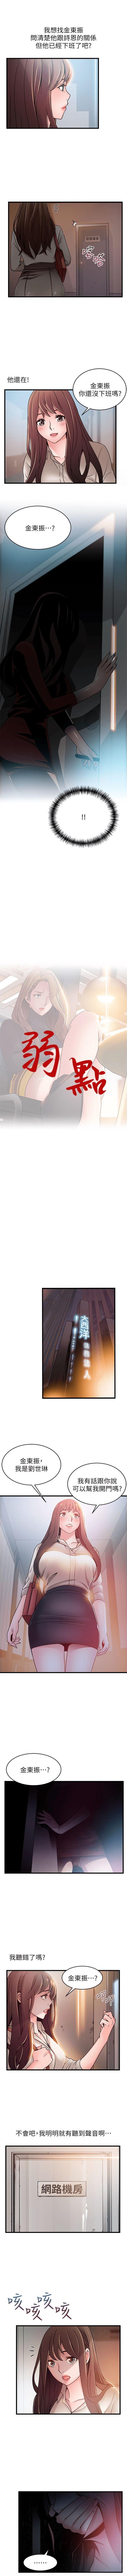 弱點 1-101 官方中文(連載中) 341